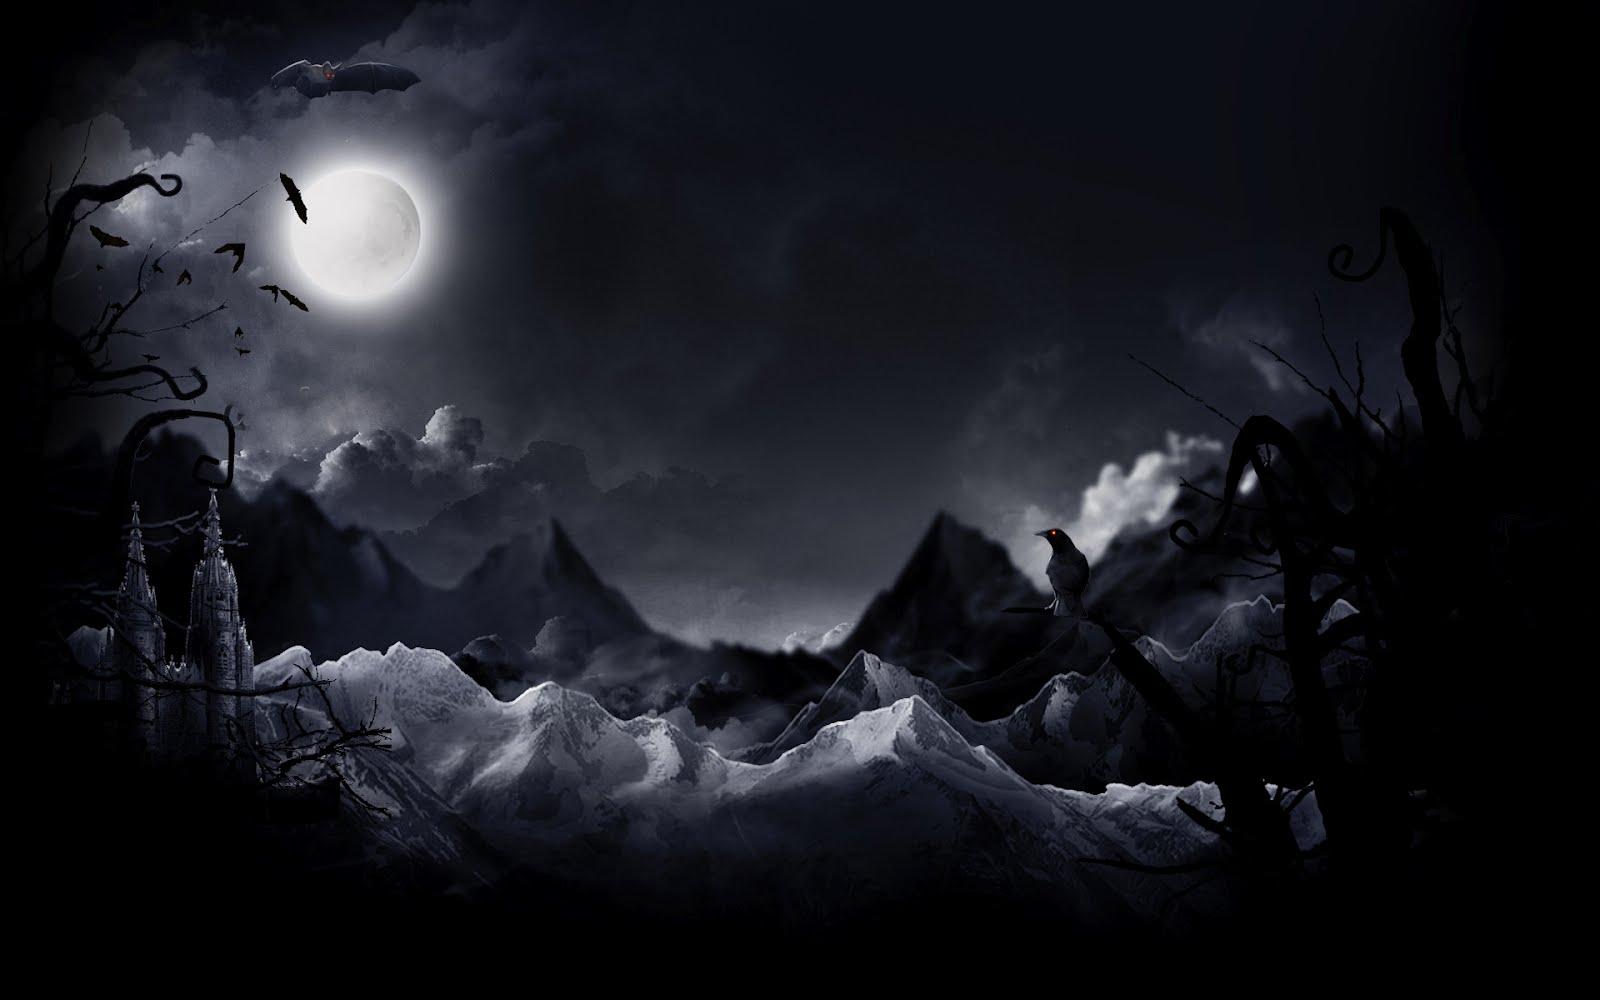 http://2.bp.blogspot.com/-aEwlGK91GU8/T4WxajKQrlI/AAAAAAAAANY/mdtZoB5qdBM/s1600/Halloween-Moon-Animated-Wallpaper.jpg